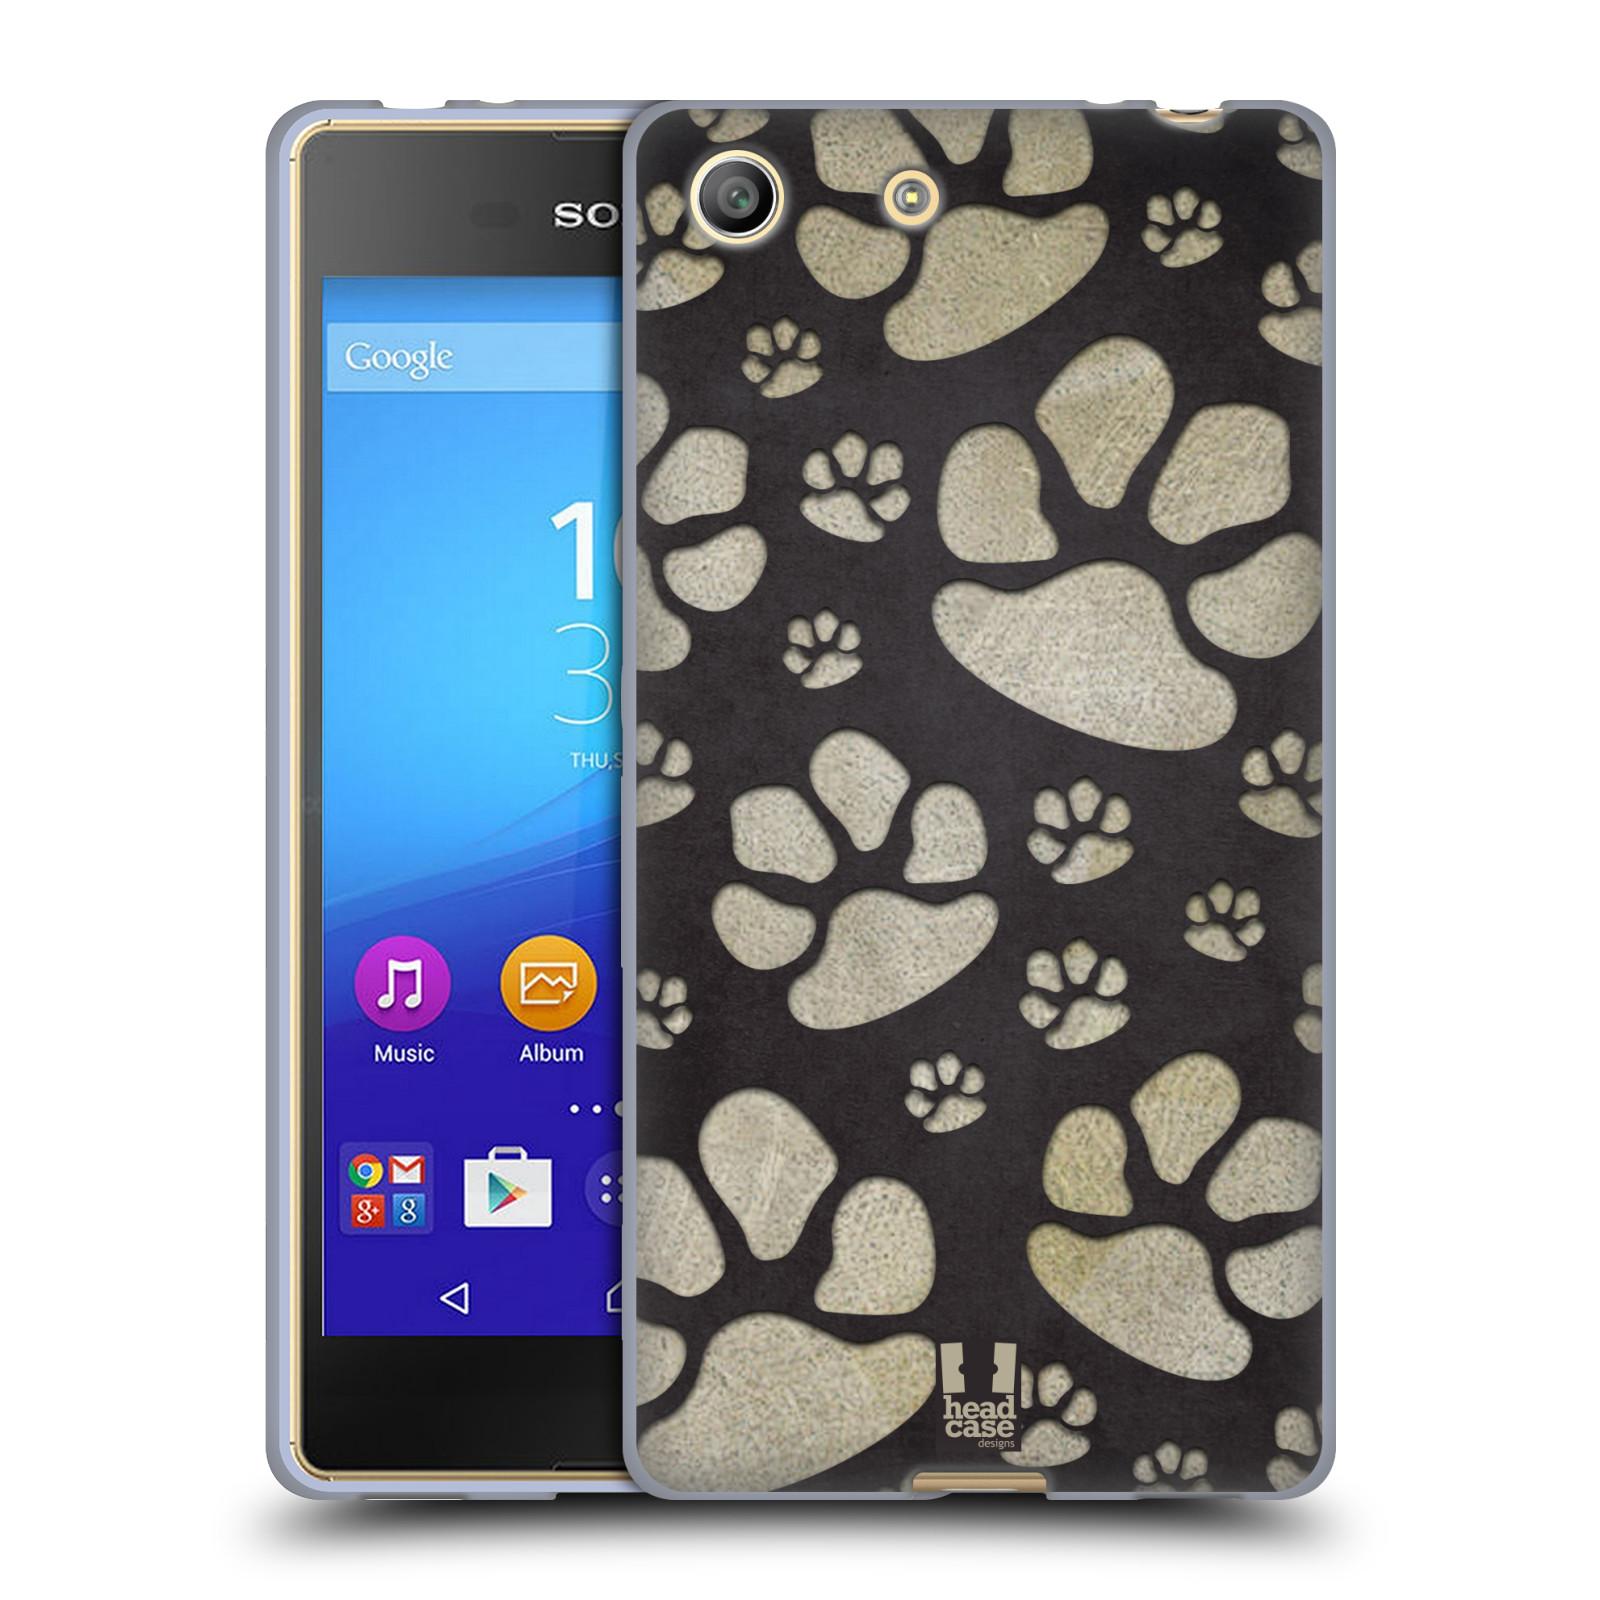 Silikonové pouzdro na mobil Sony Xperia M5 HEAD CASE TLAPKY ŠEDÉ (Silikonový kryt či obal na mobilní telefon Sony Xperia M5 Dual SIM / Aqua)